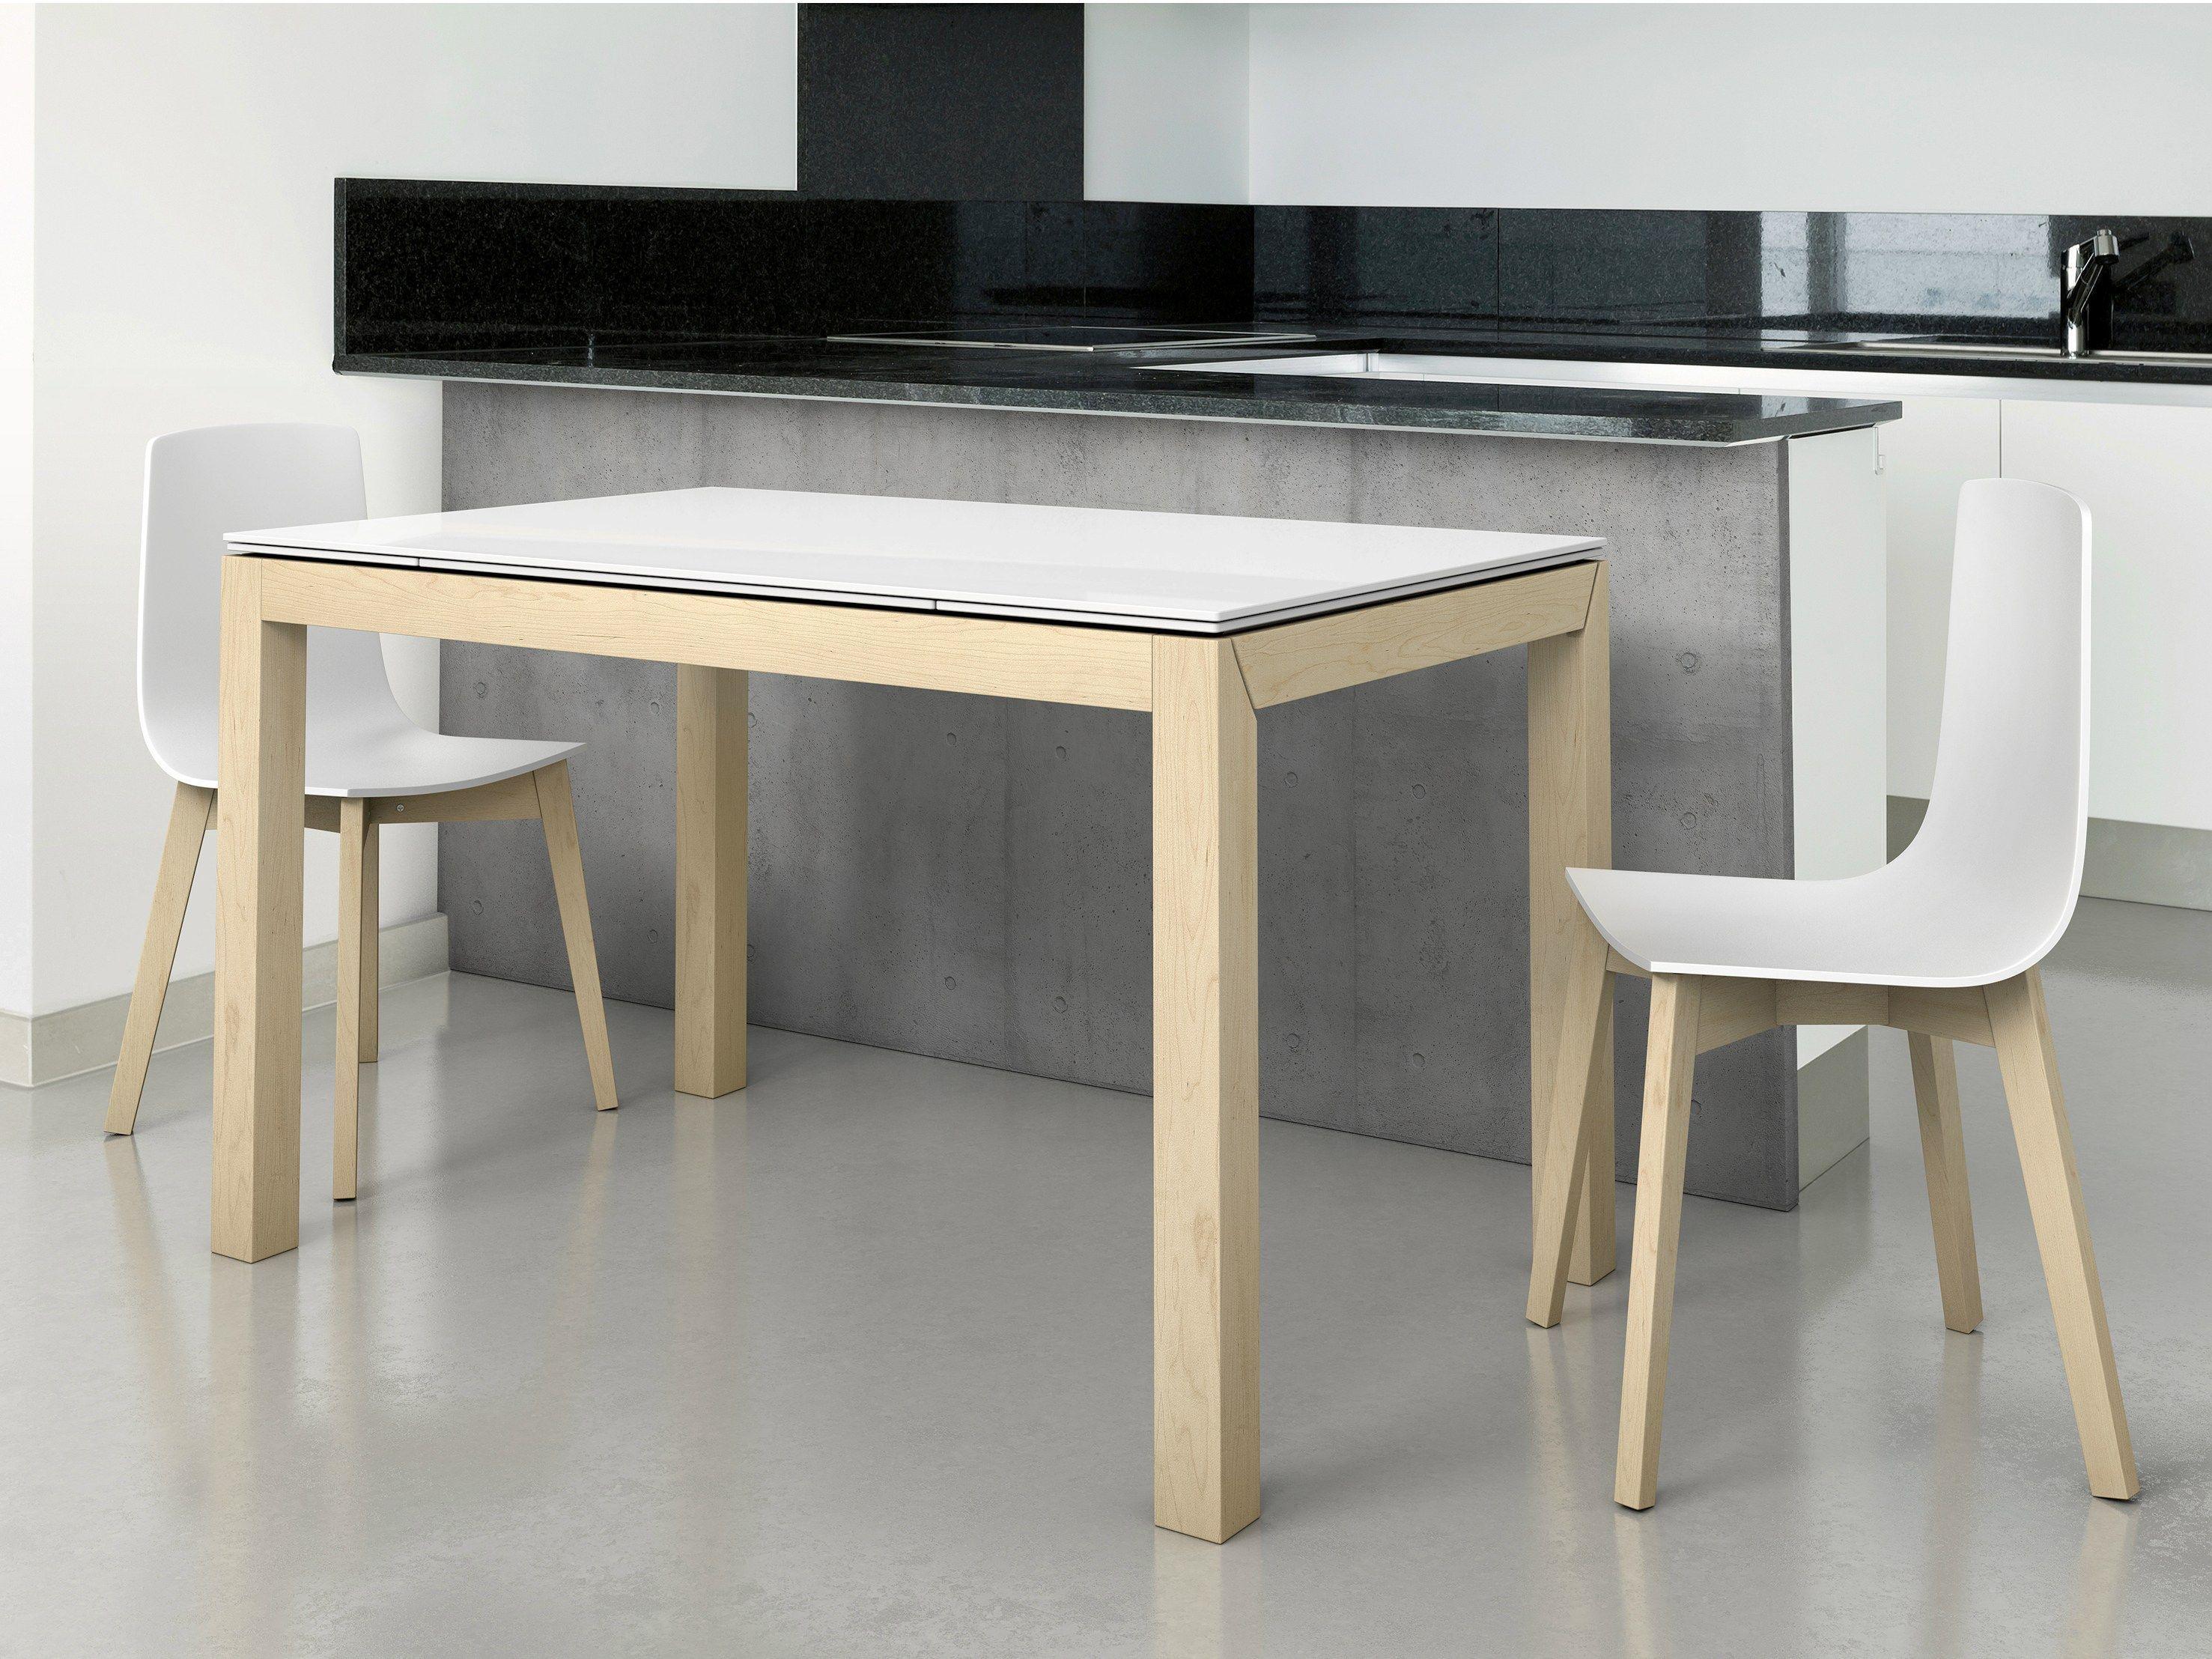 soluciones kuchen house para mesas de cocina | cocinas kuchenhouse